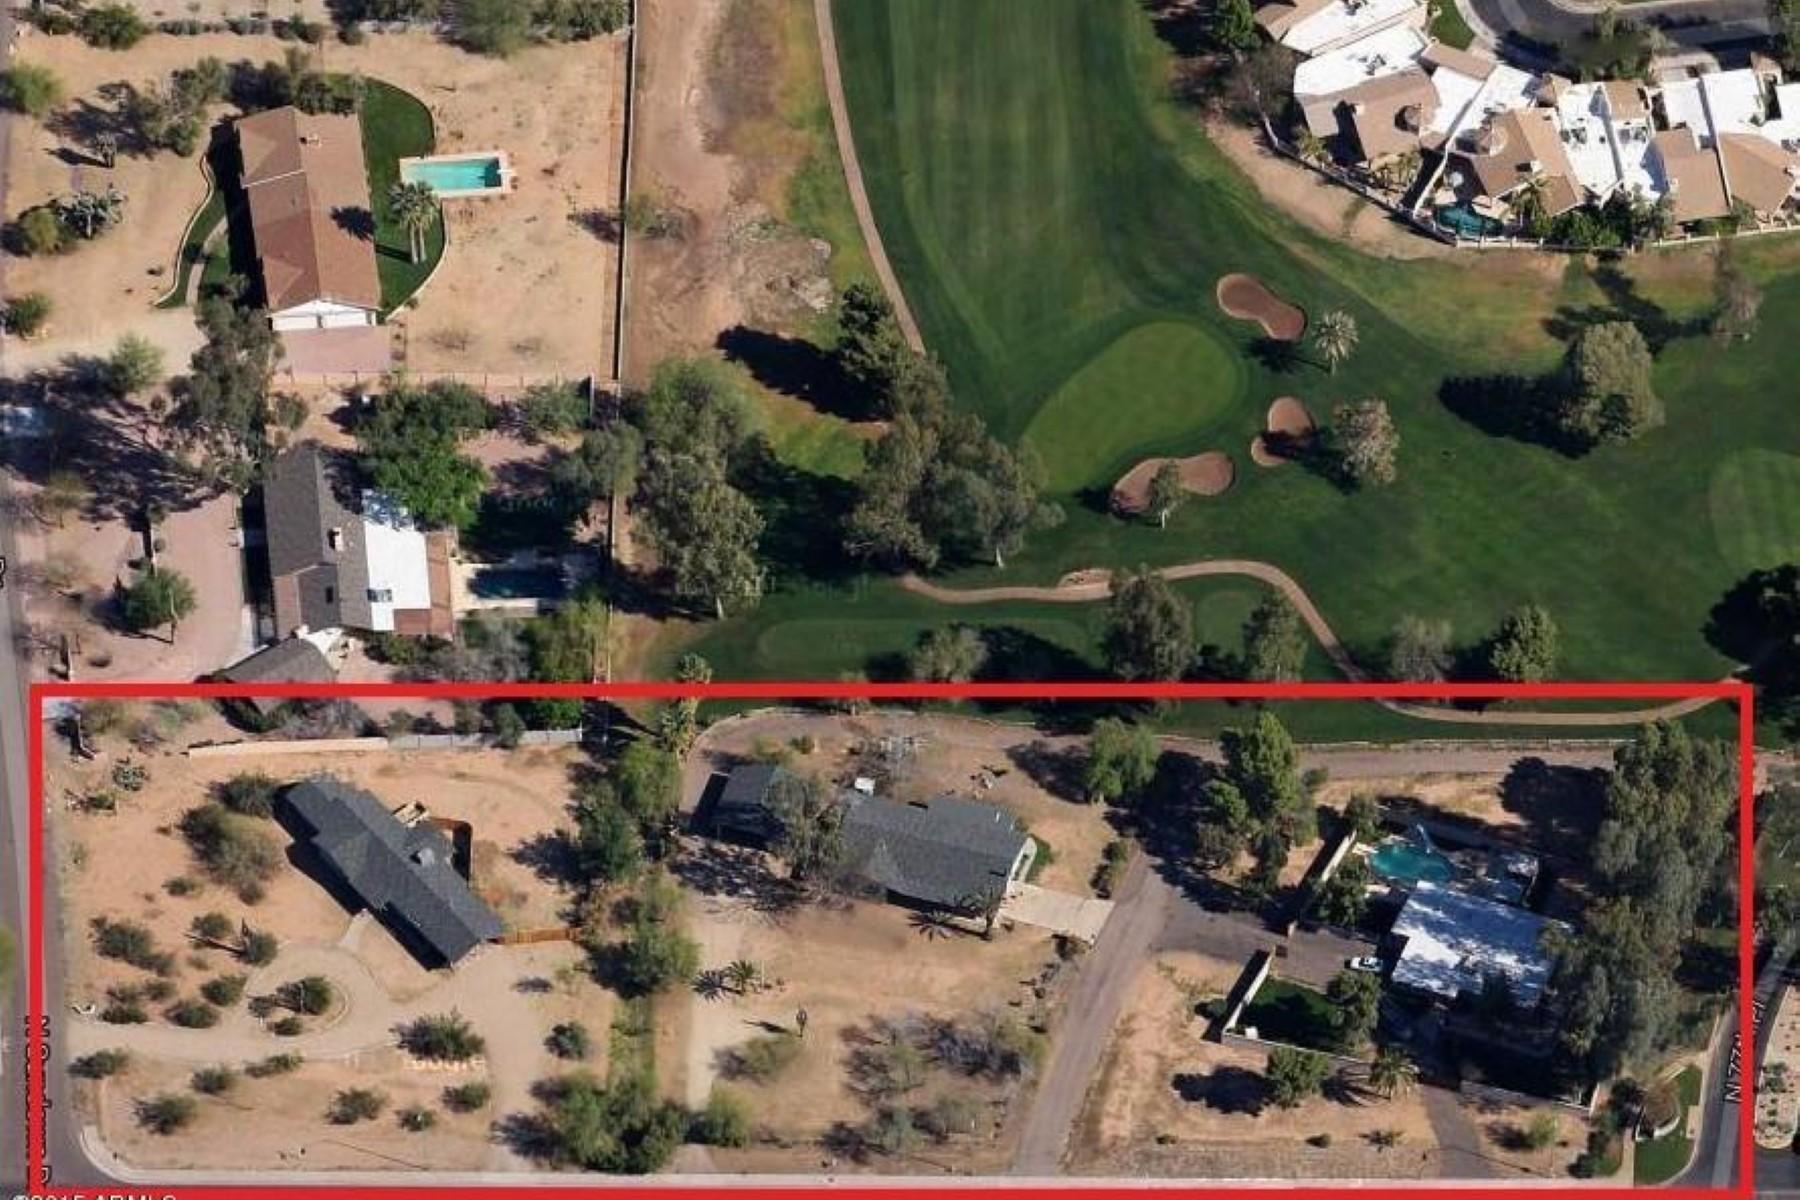 Terreno por un Venta en Golf Course Lot on Shea Blvd. 7632 E Shea BLVD 73,74,75 Scottsdale, Arizona 85260 Estados Unidos